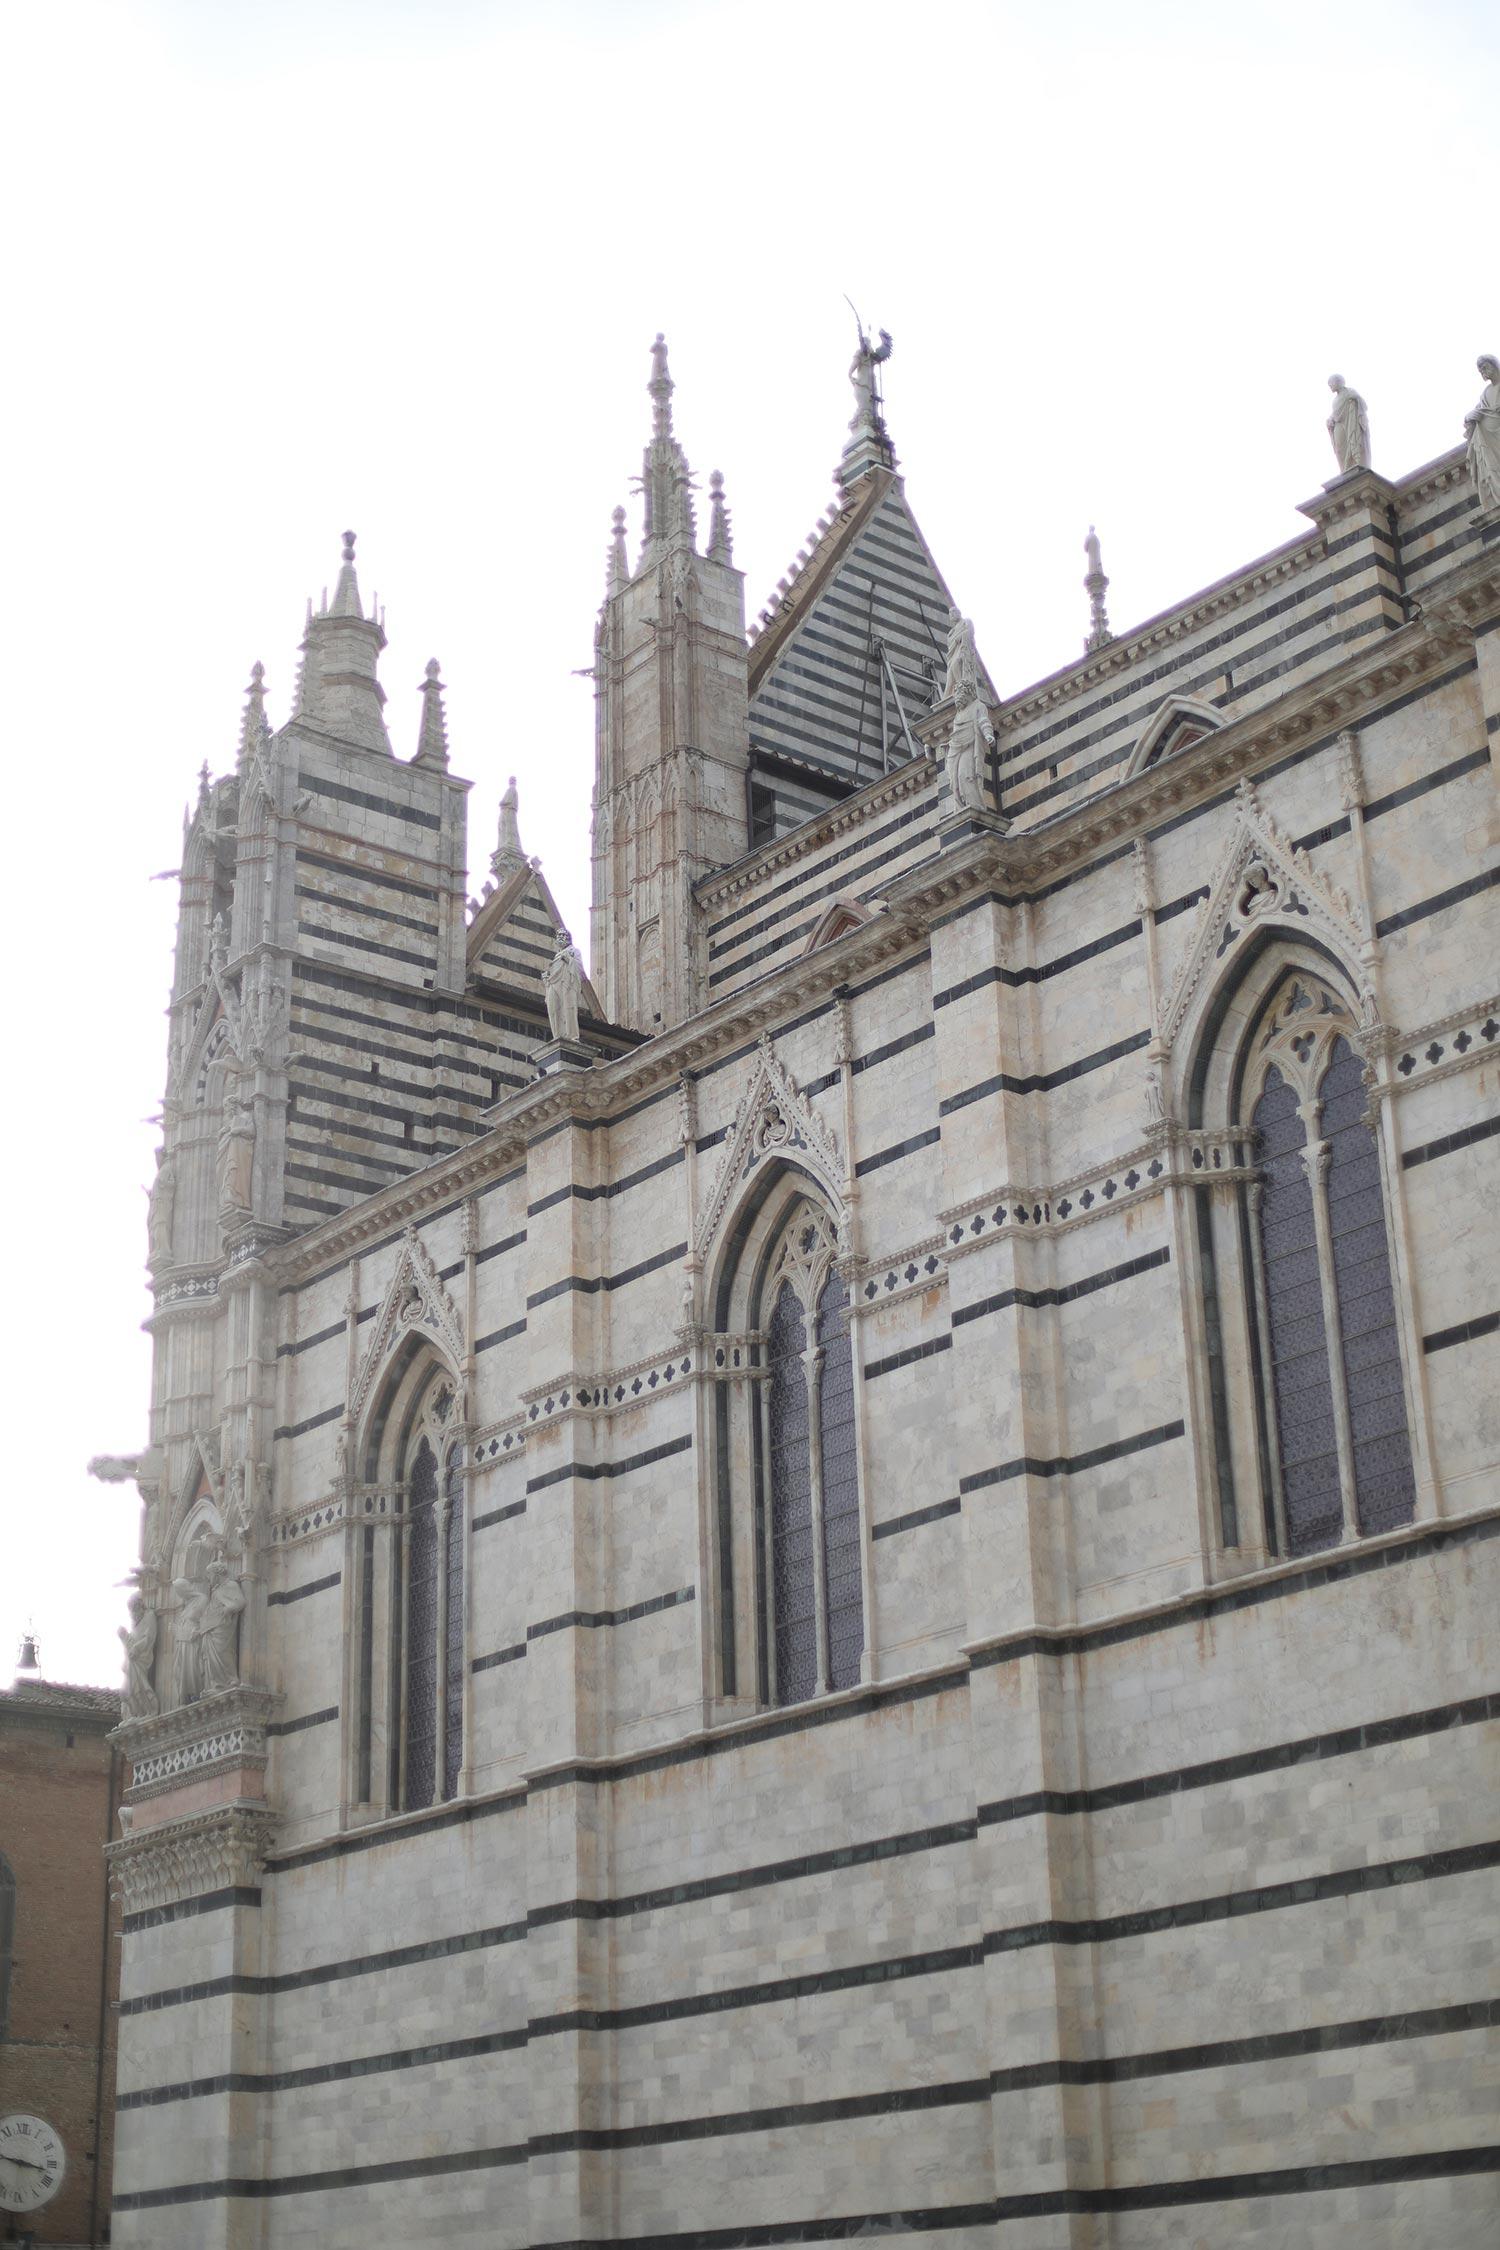 Pilgrimage_Rome_4110_Siena.jpg